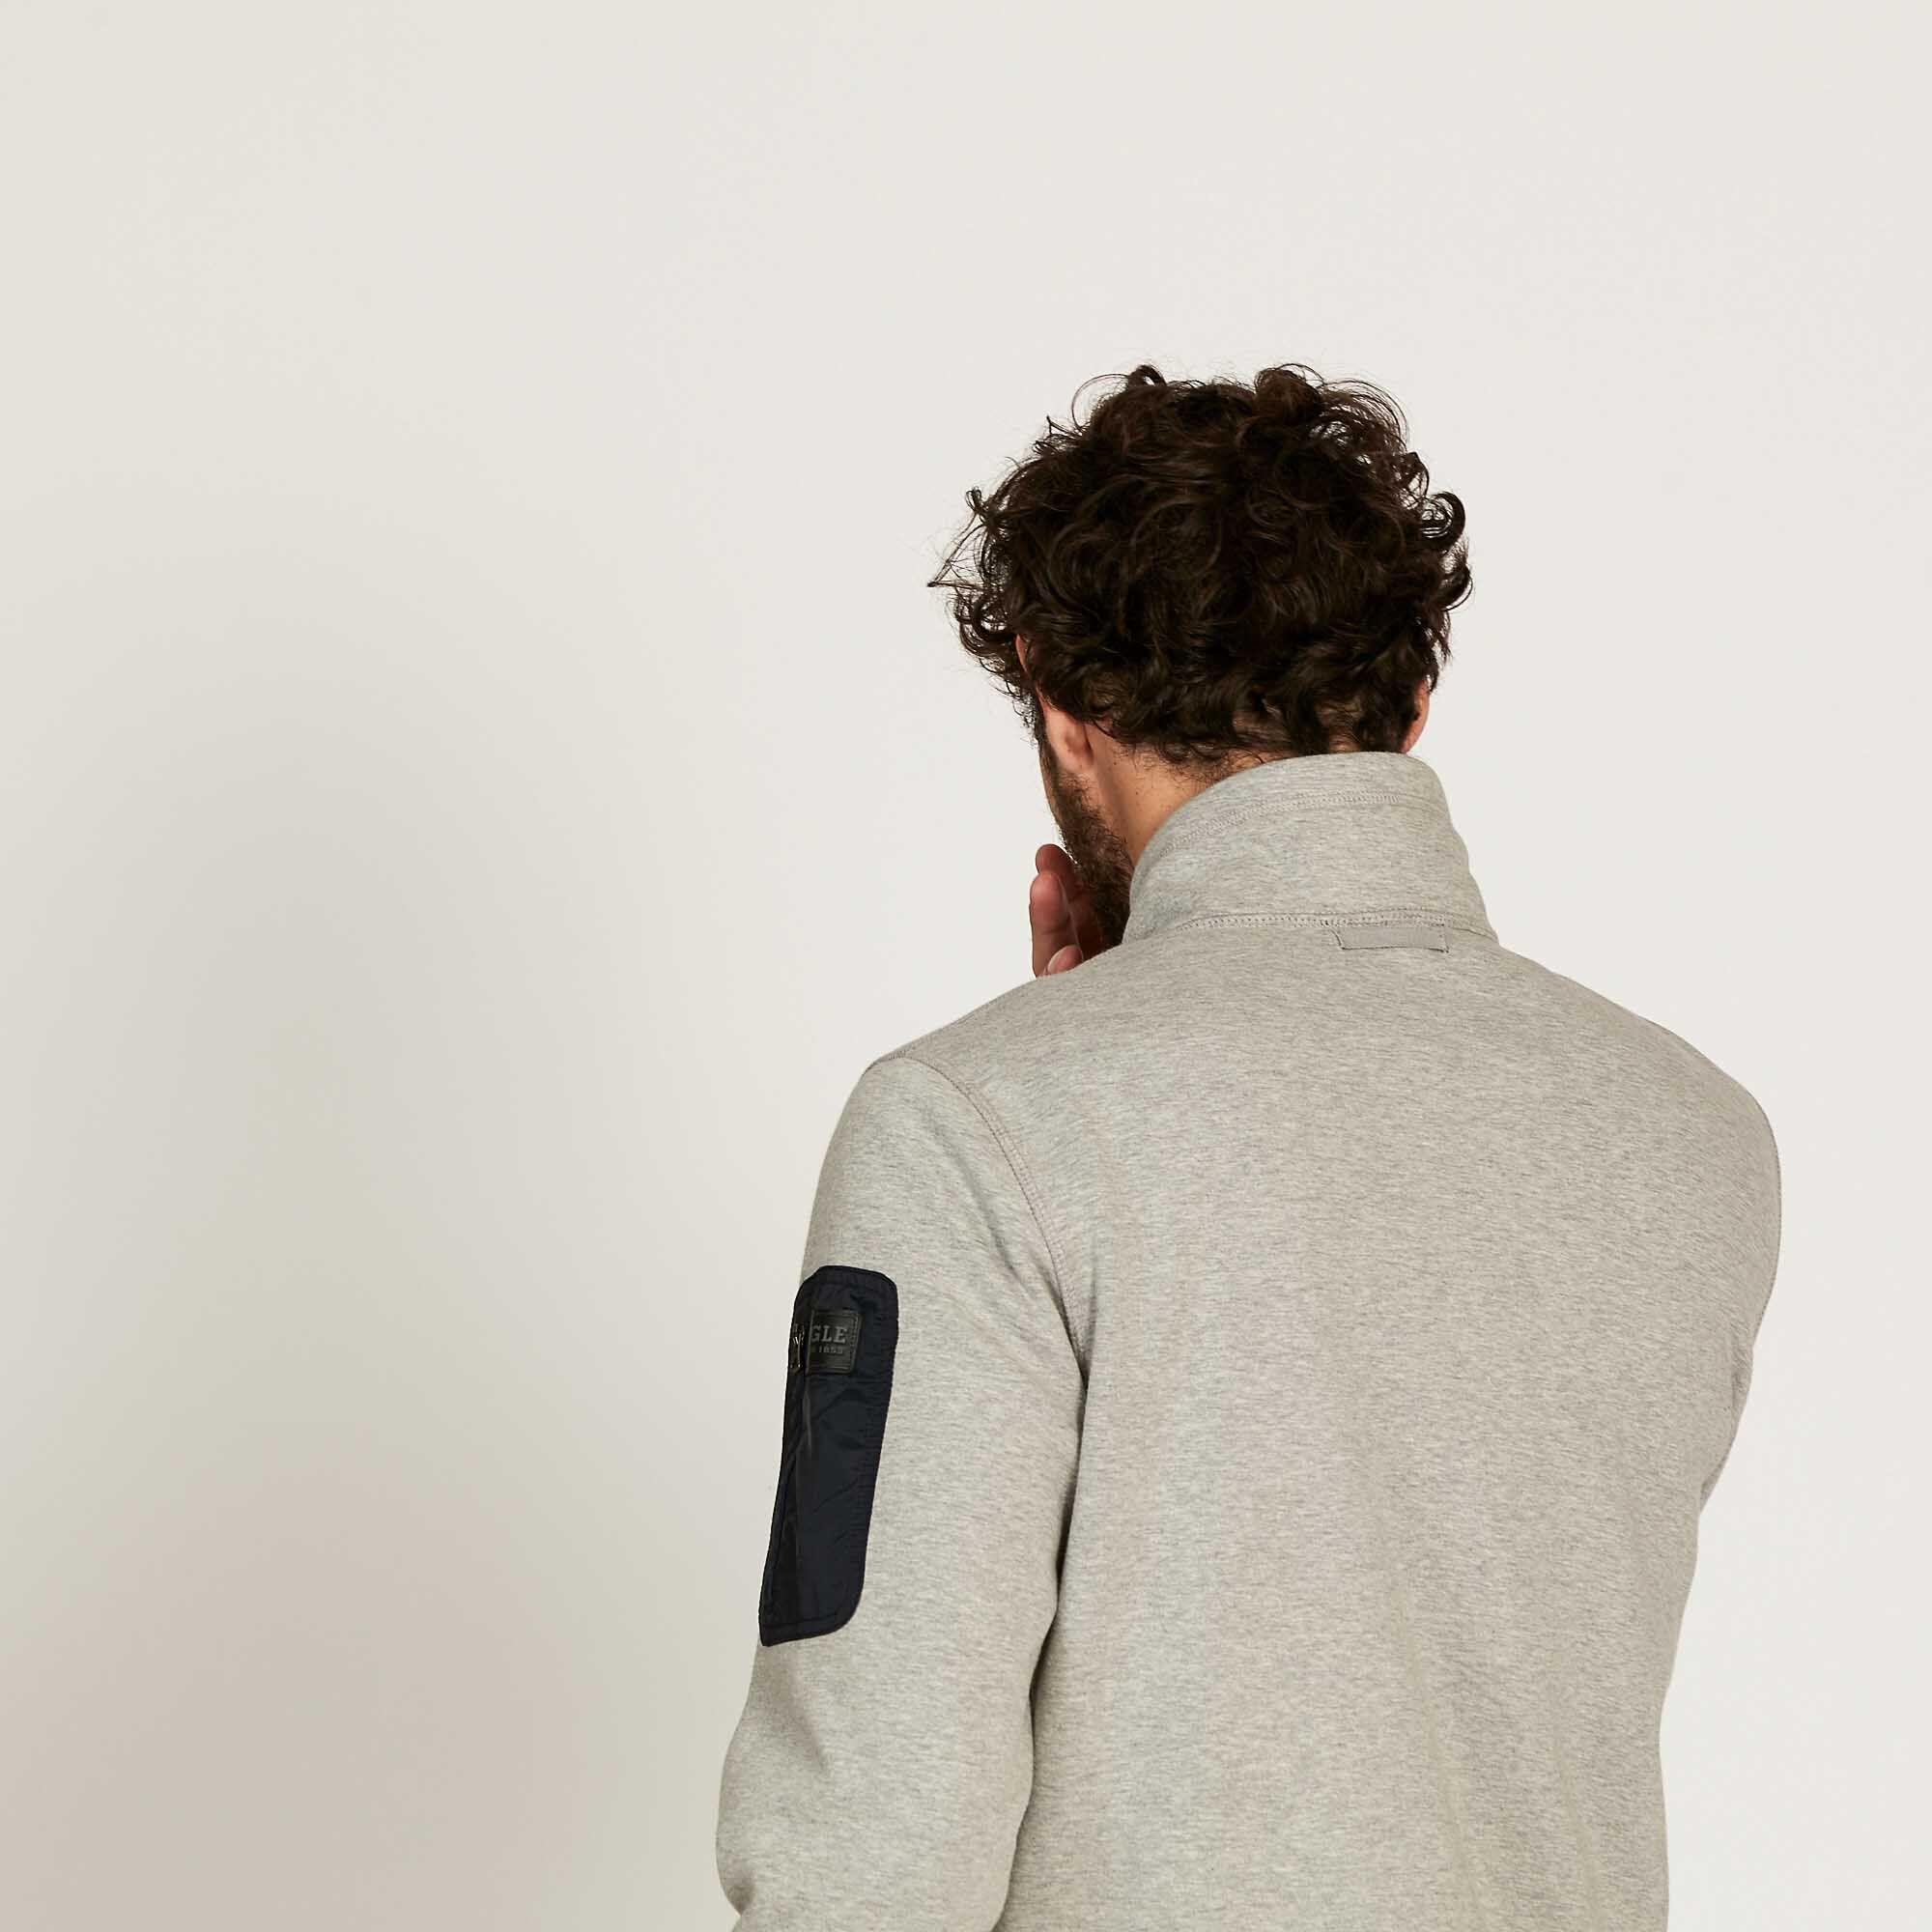 Veste polaire isolante et confortable